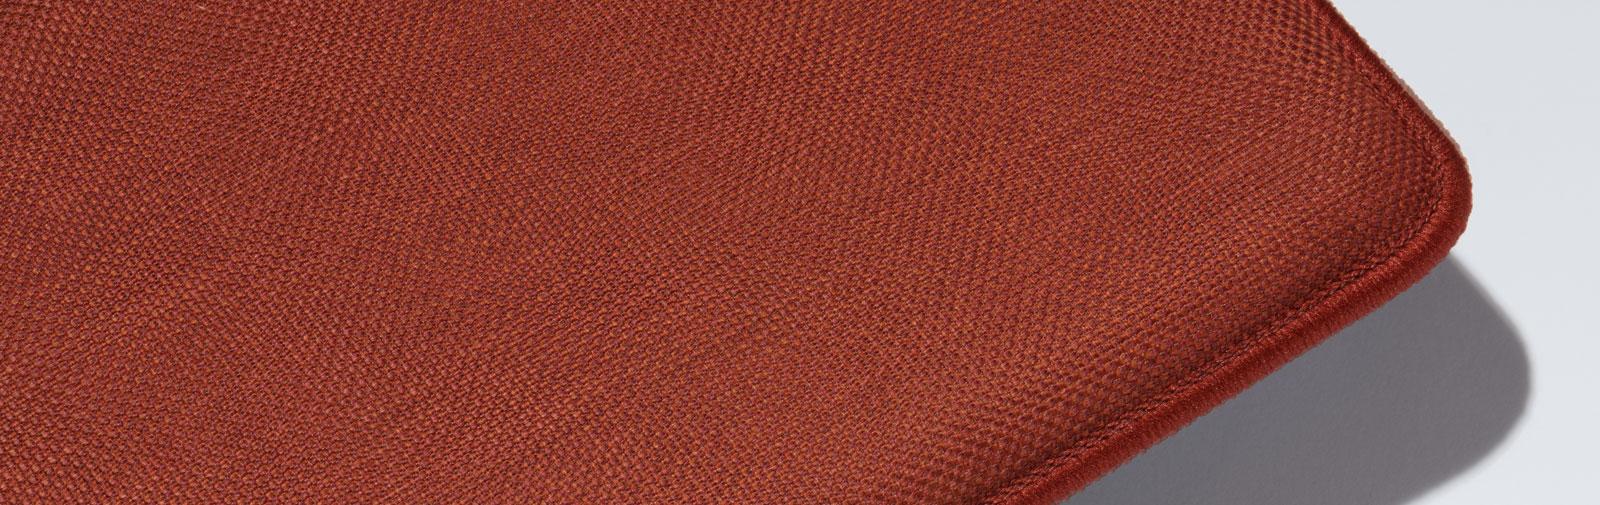 coussin Bankauflage Verano code couleur 651 couleur brun roux